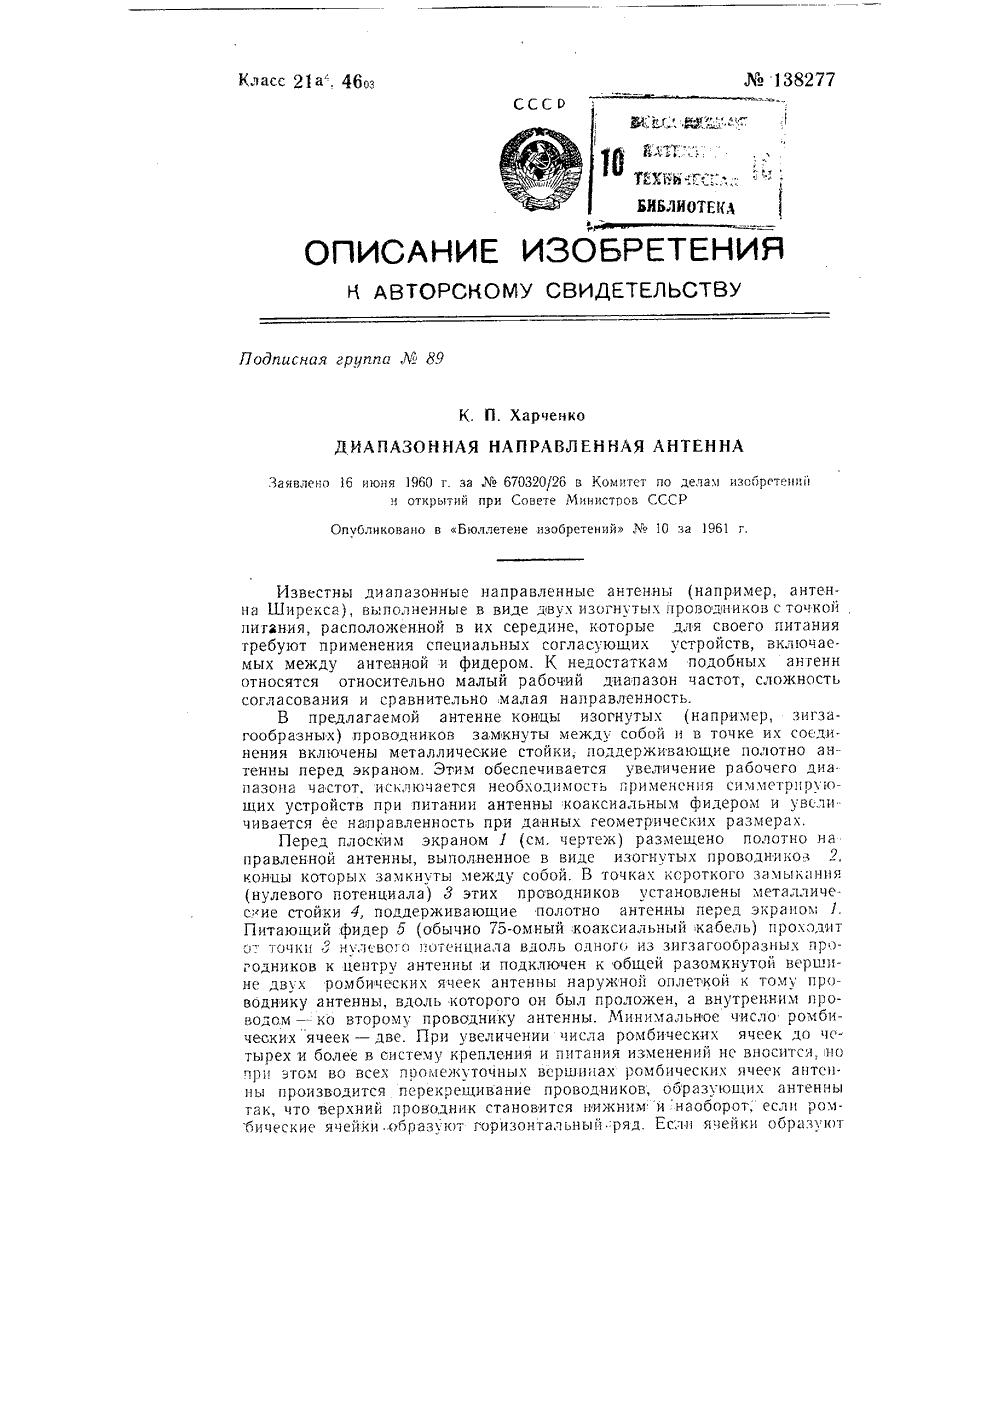 Нажмите на изображение для увеличения.  Название:138277-diapazonnaya-napravlennaya-antenna-1.png Просмотров:15 Размер:46.8 Кб ID:220170